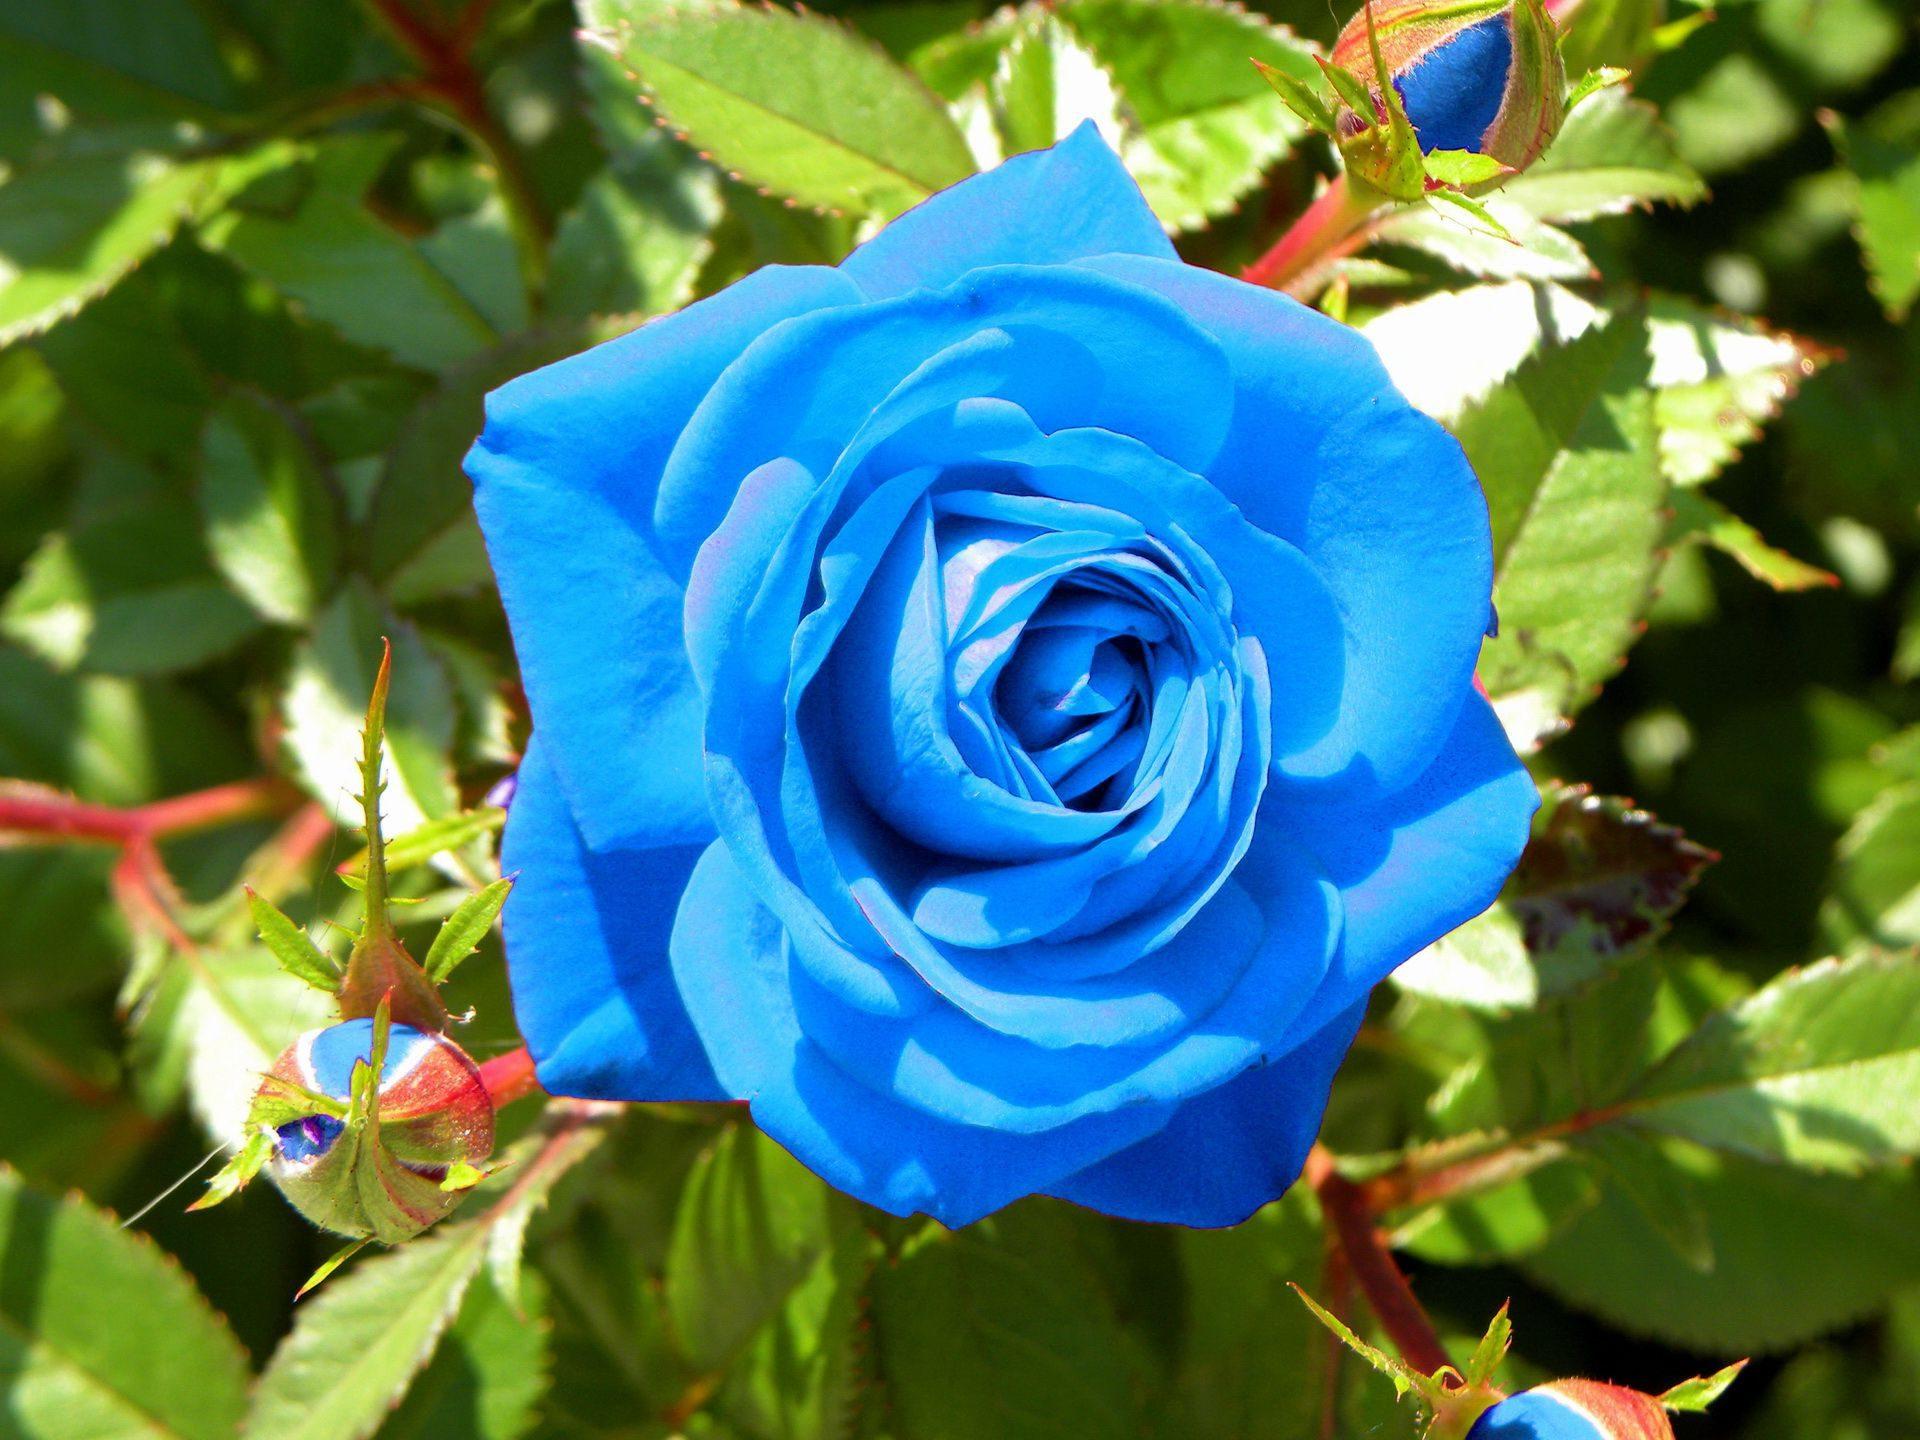 Mavi gül anlamı nedir